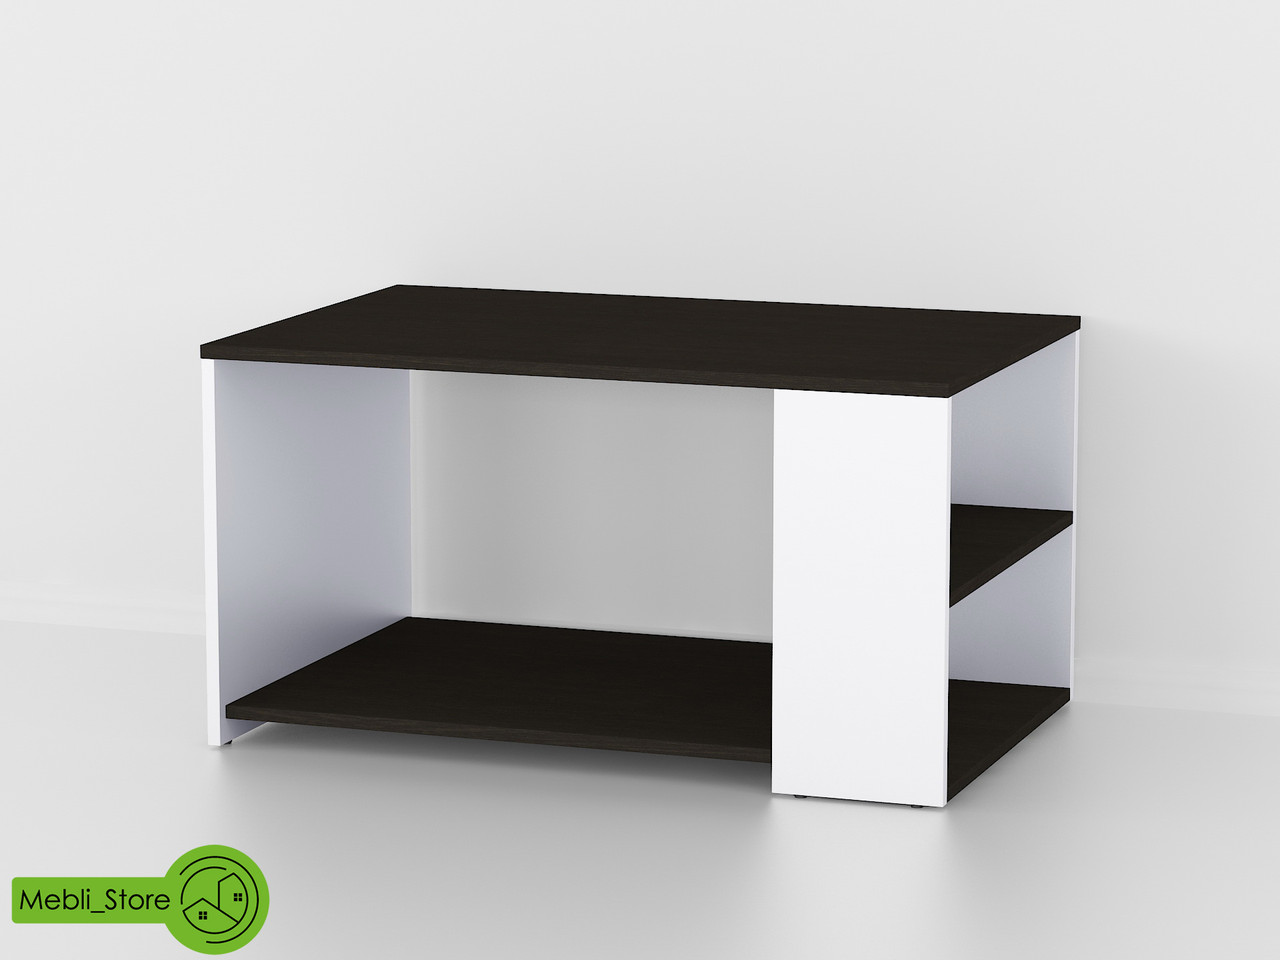 Офисный журнальный столик с полкой, кофейный столик из ДСП (7 ЦВЕТОВ) 900х481х590 мм Гарантия 1 ГОД!